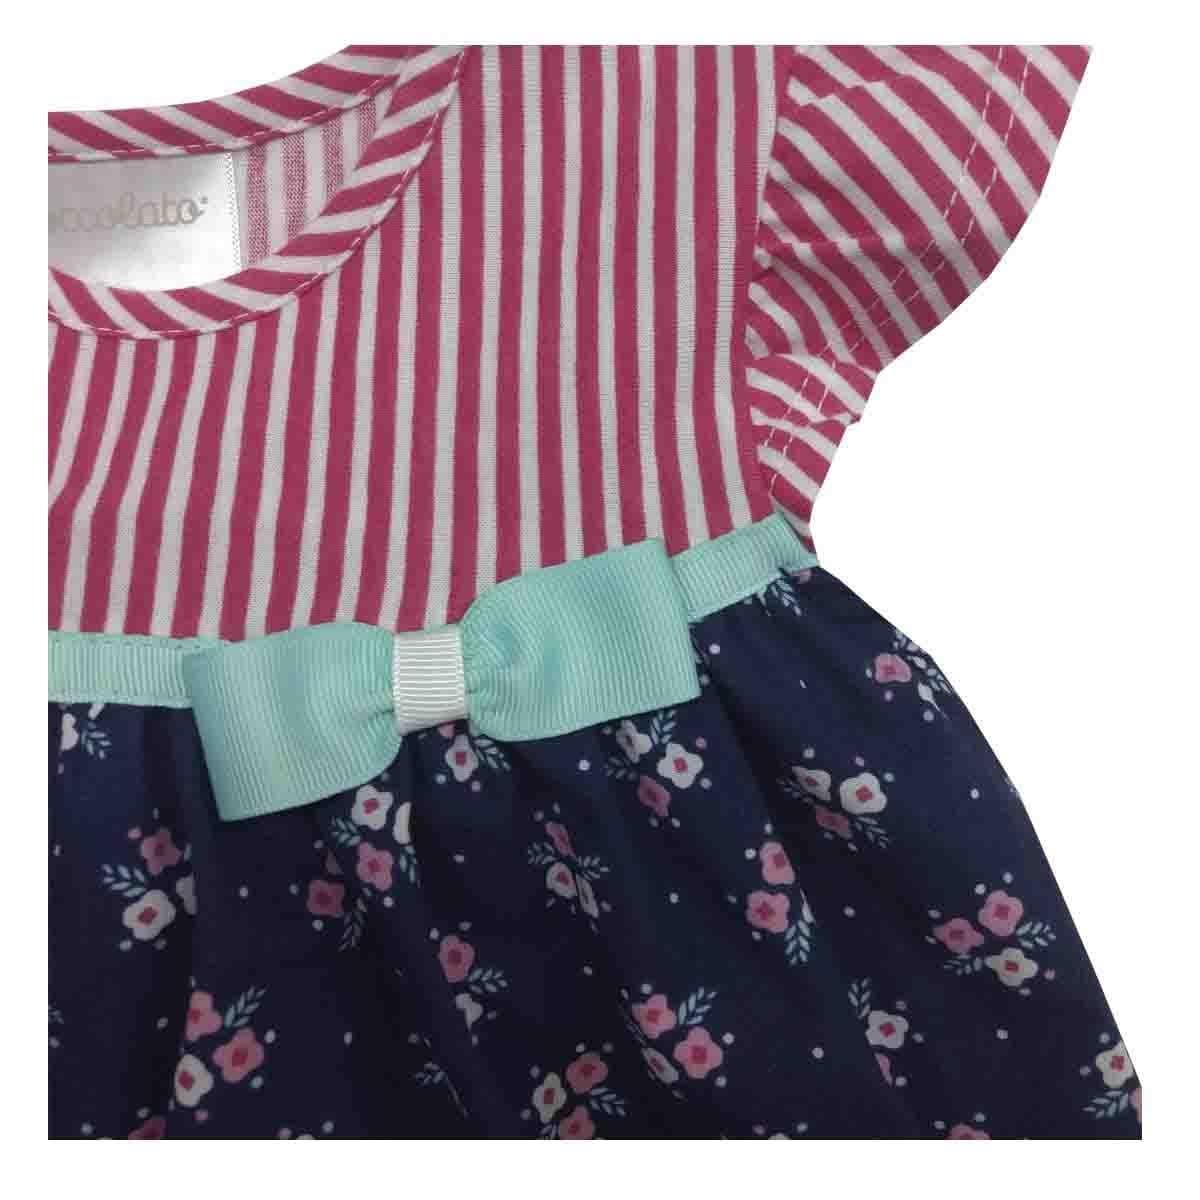 Vestido Rayas con Estampado Floral Coccolato